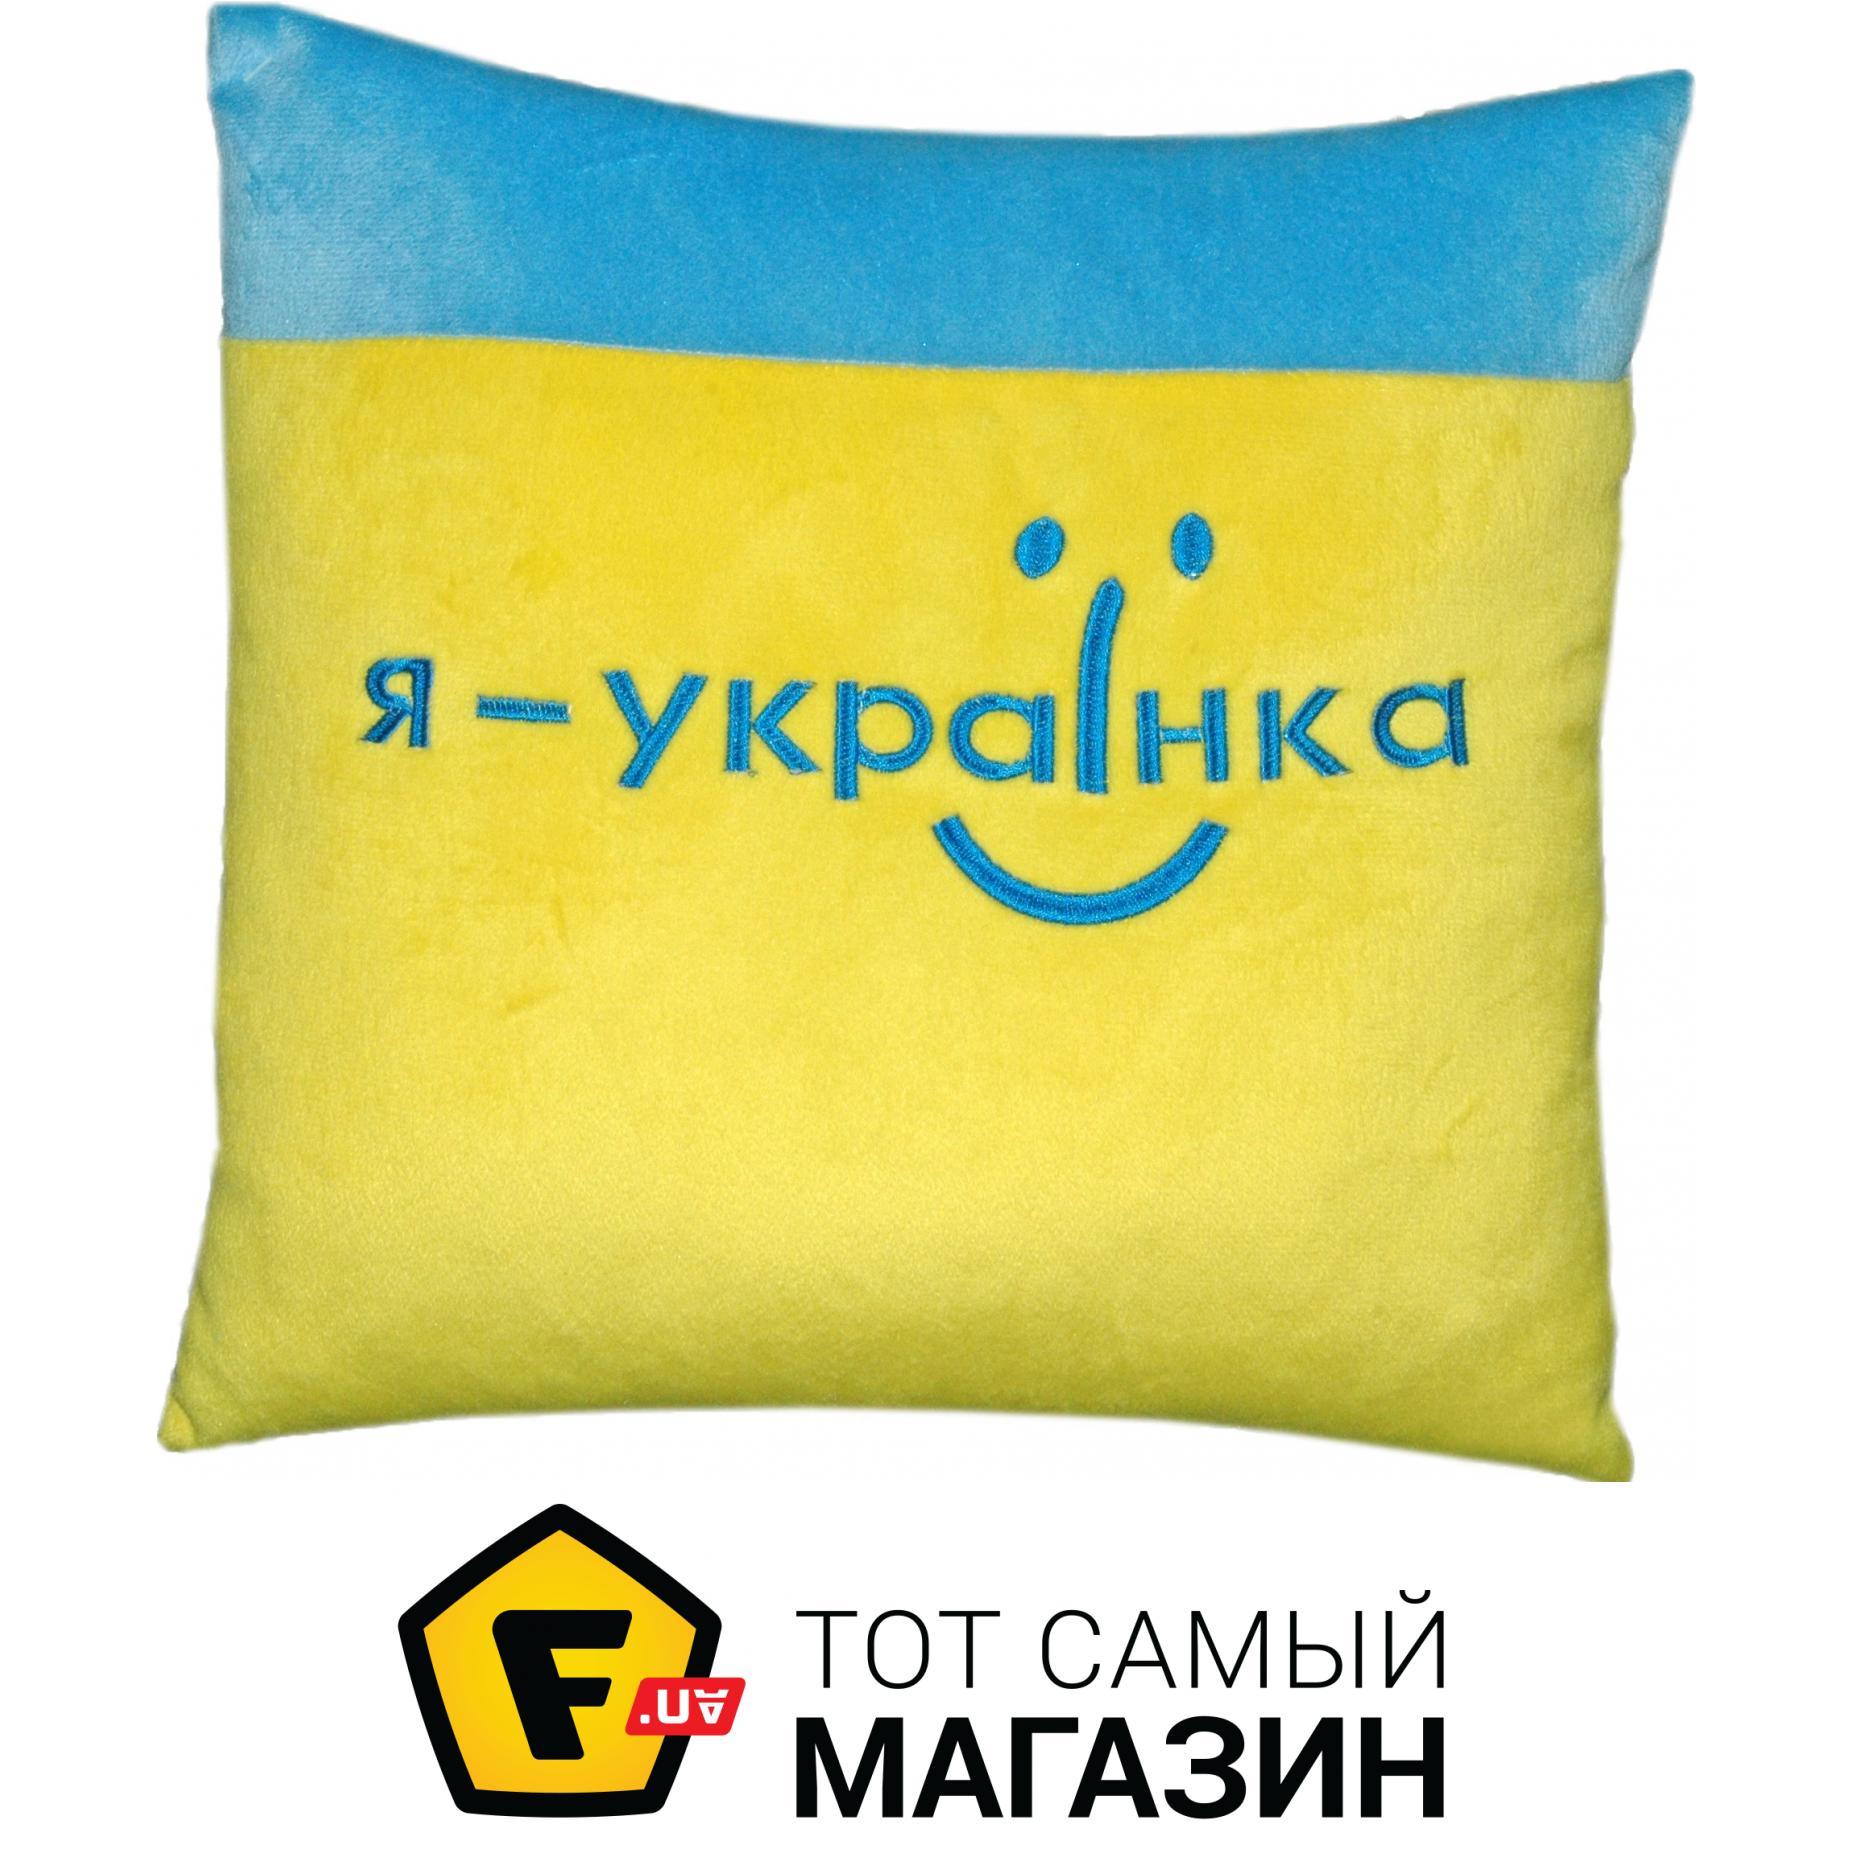 Добрым утром, картинки с надписями я украинка